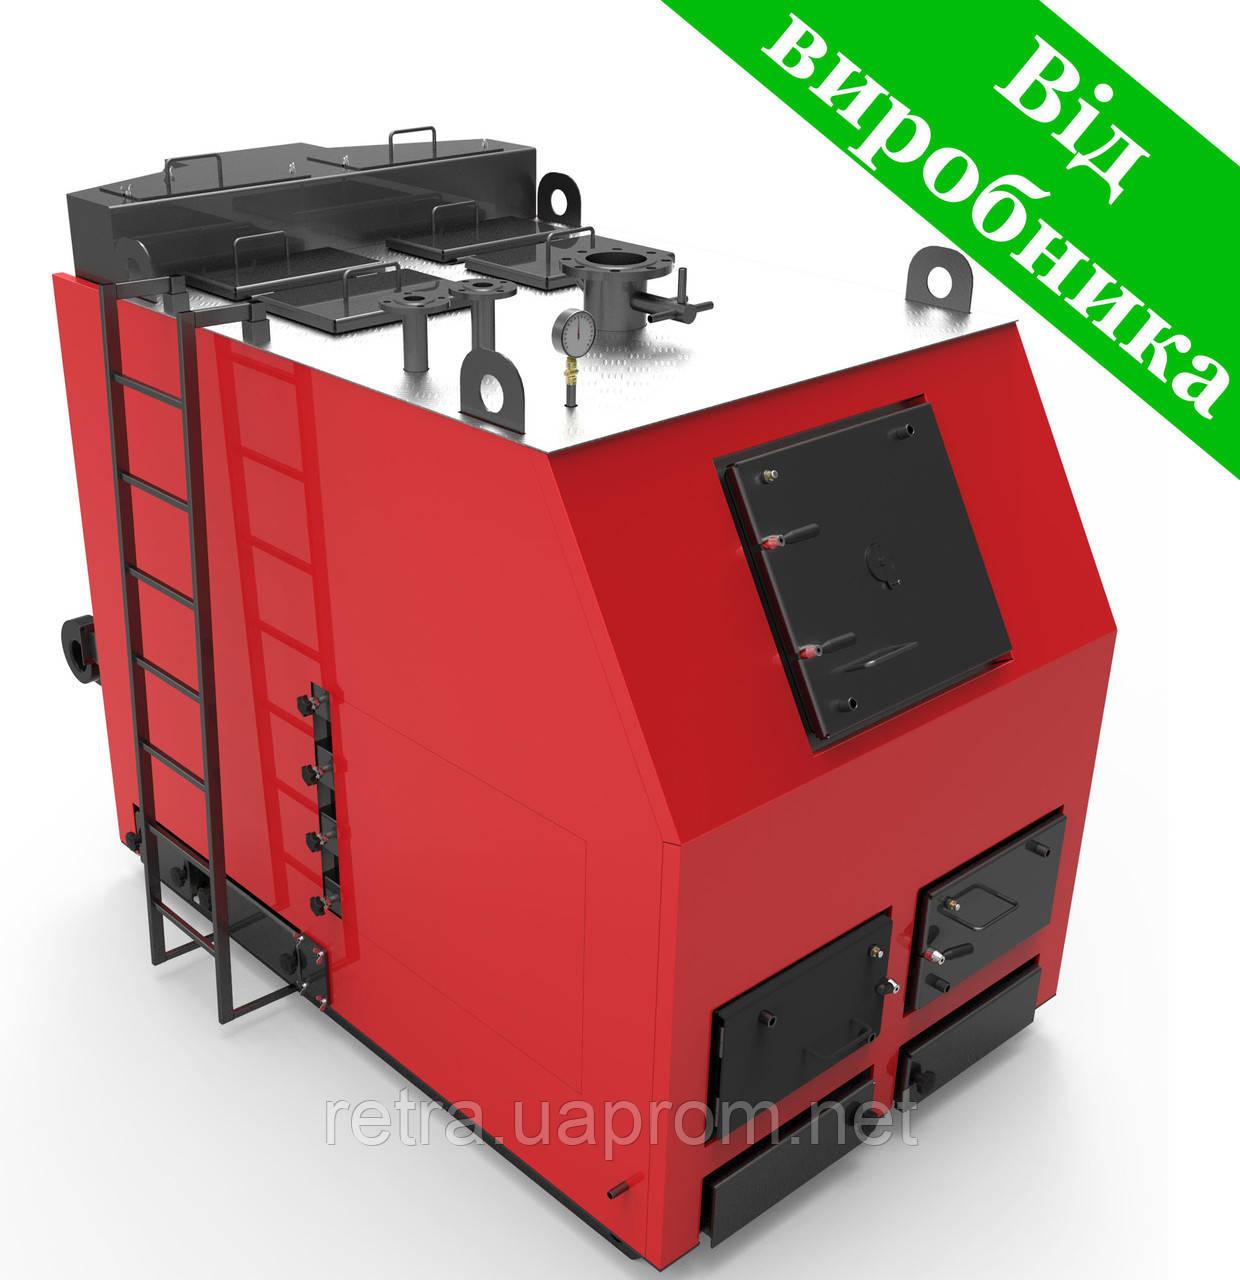 Котел твердотопливный Ретра-3М 500 кВ промышленный длительного горения